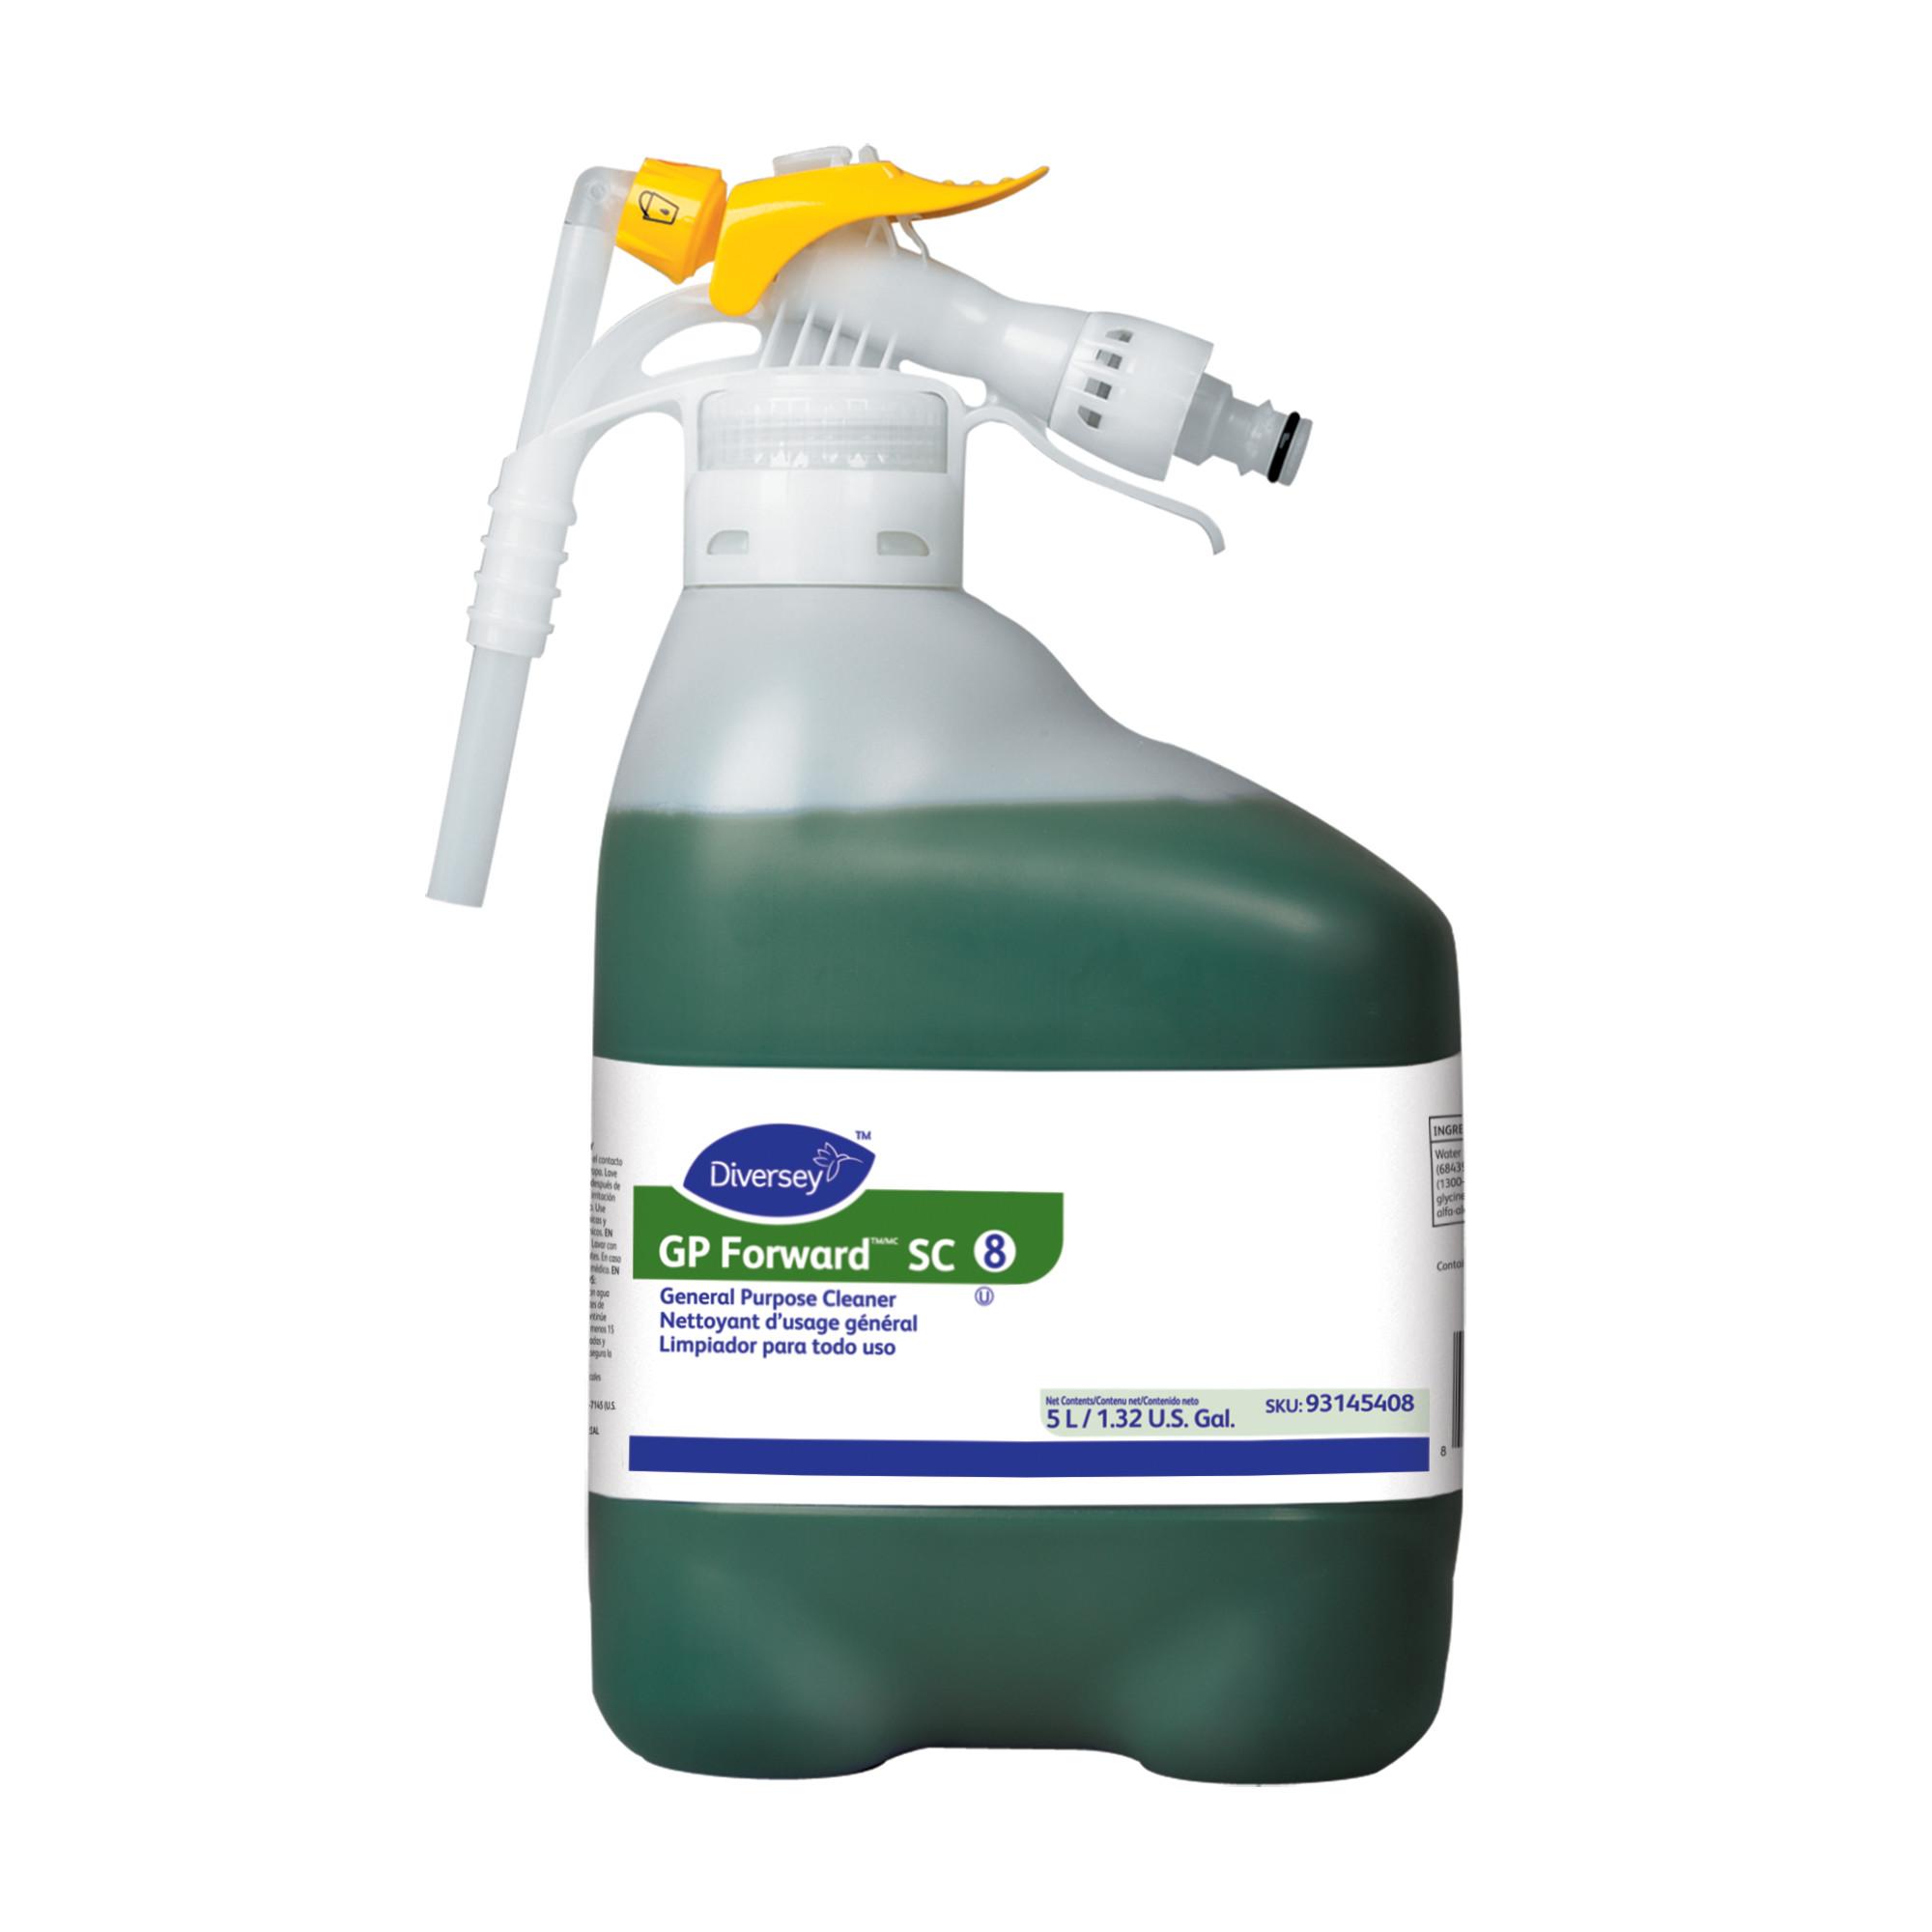 GP ForwardTM/MC SC General Purpose Cleaner | Diversey Global